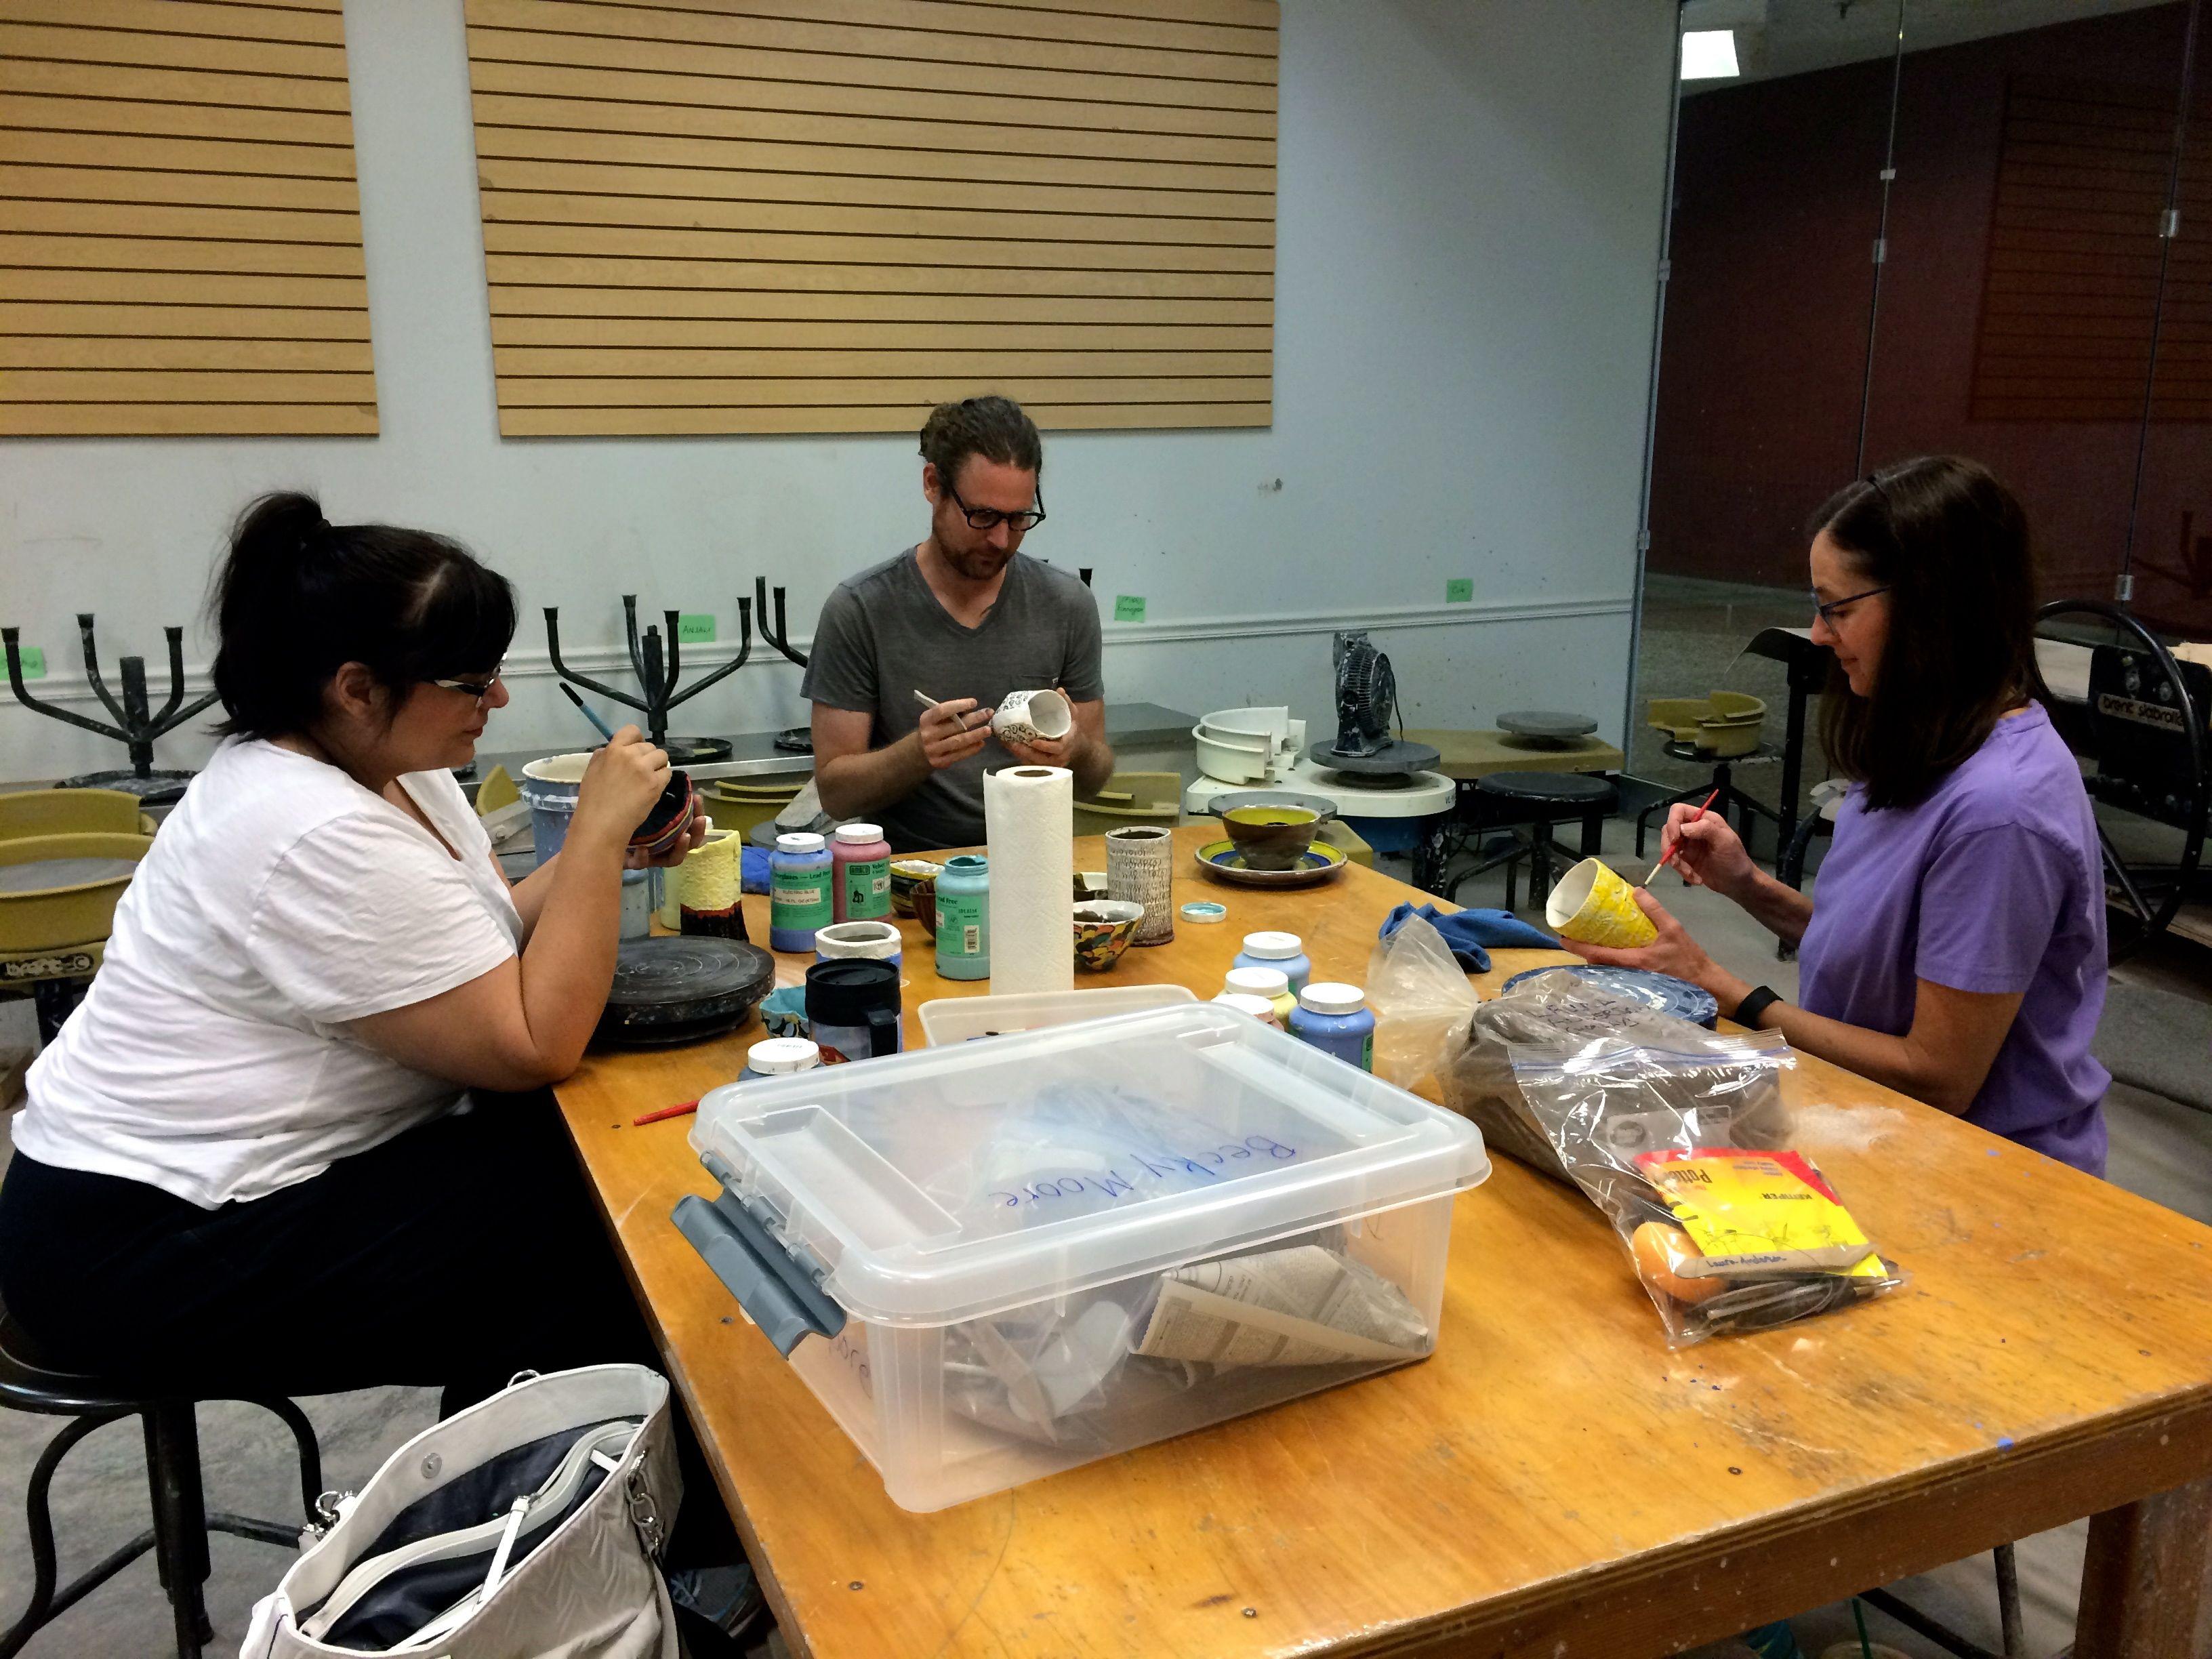 Craft guild of dallas clay studio class clay studio